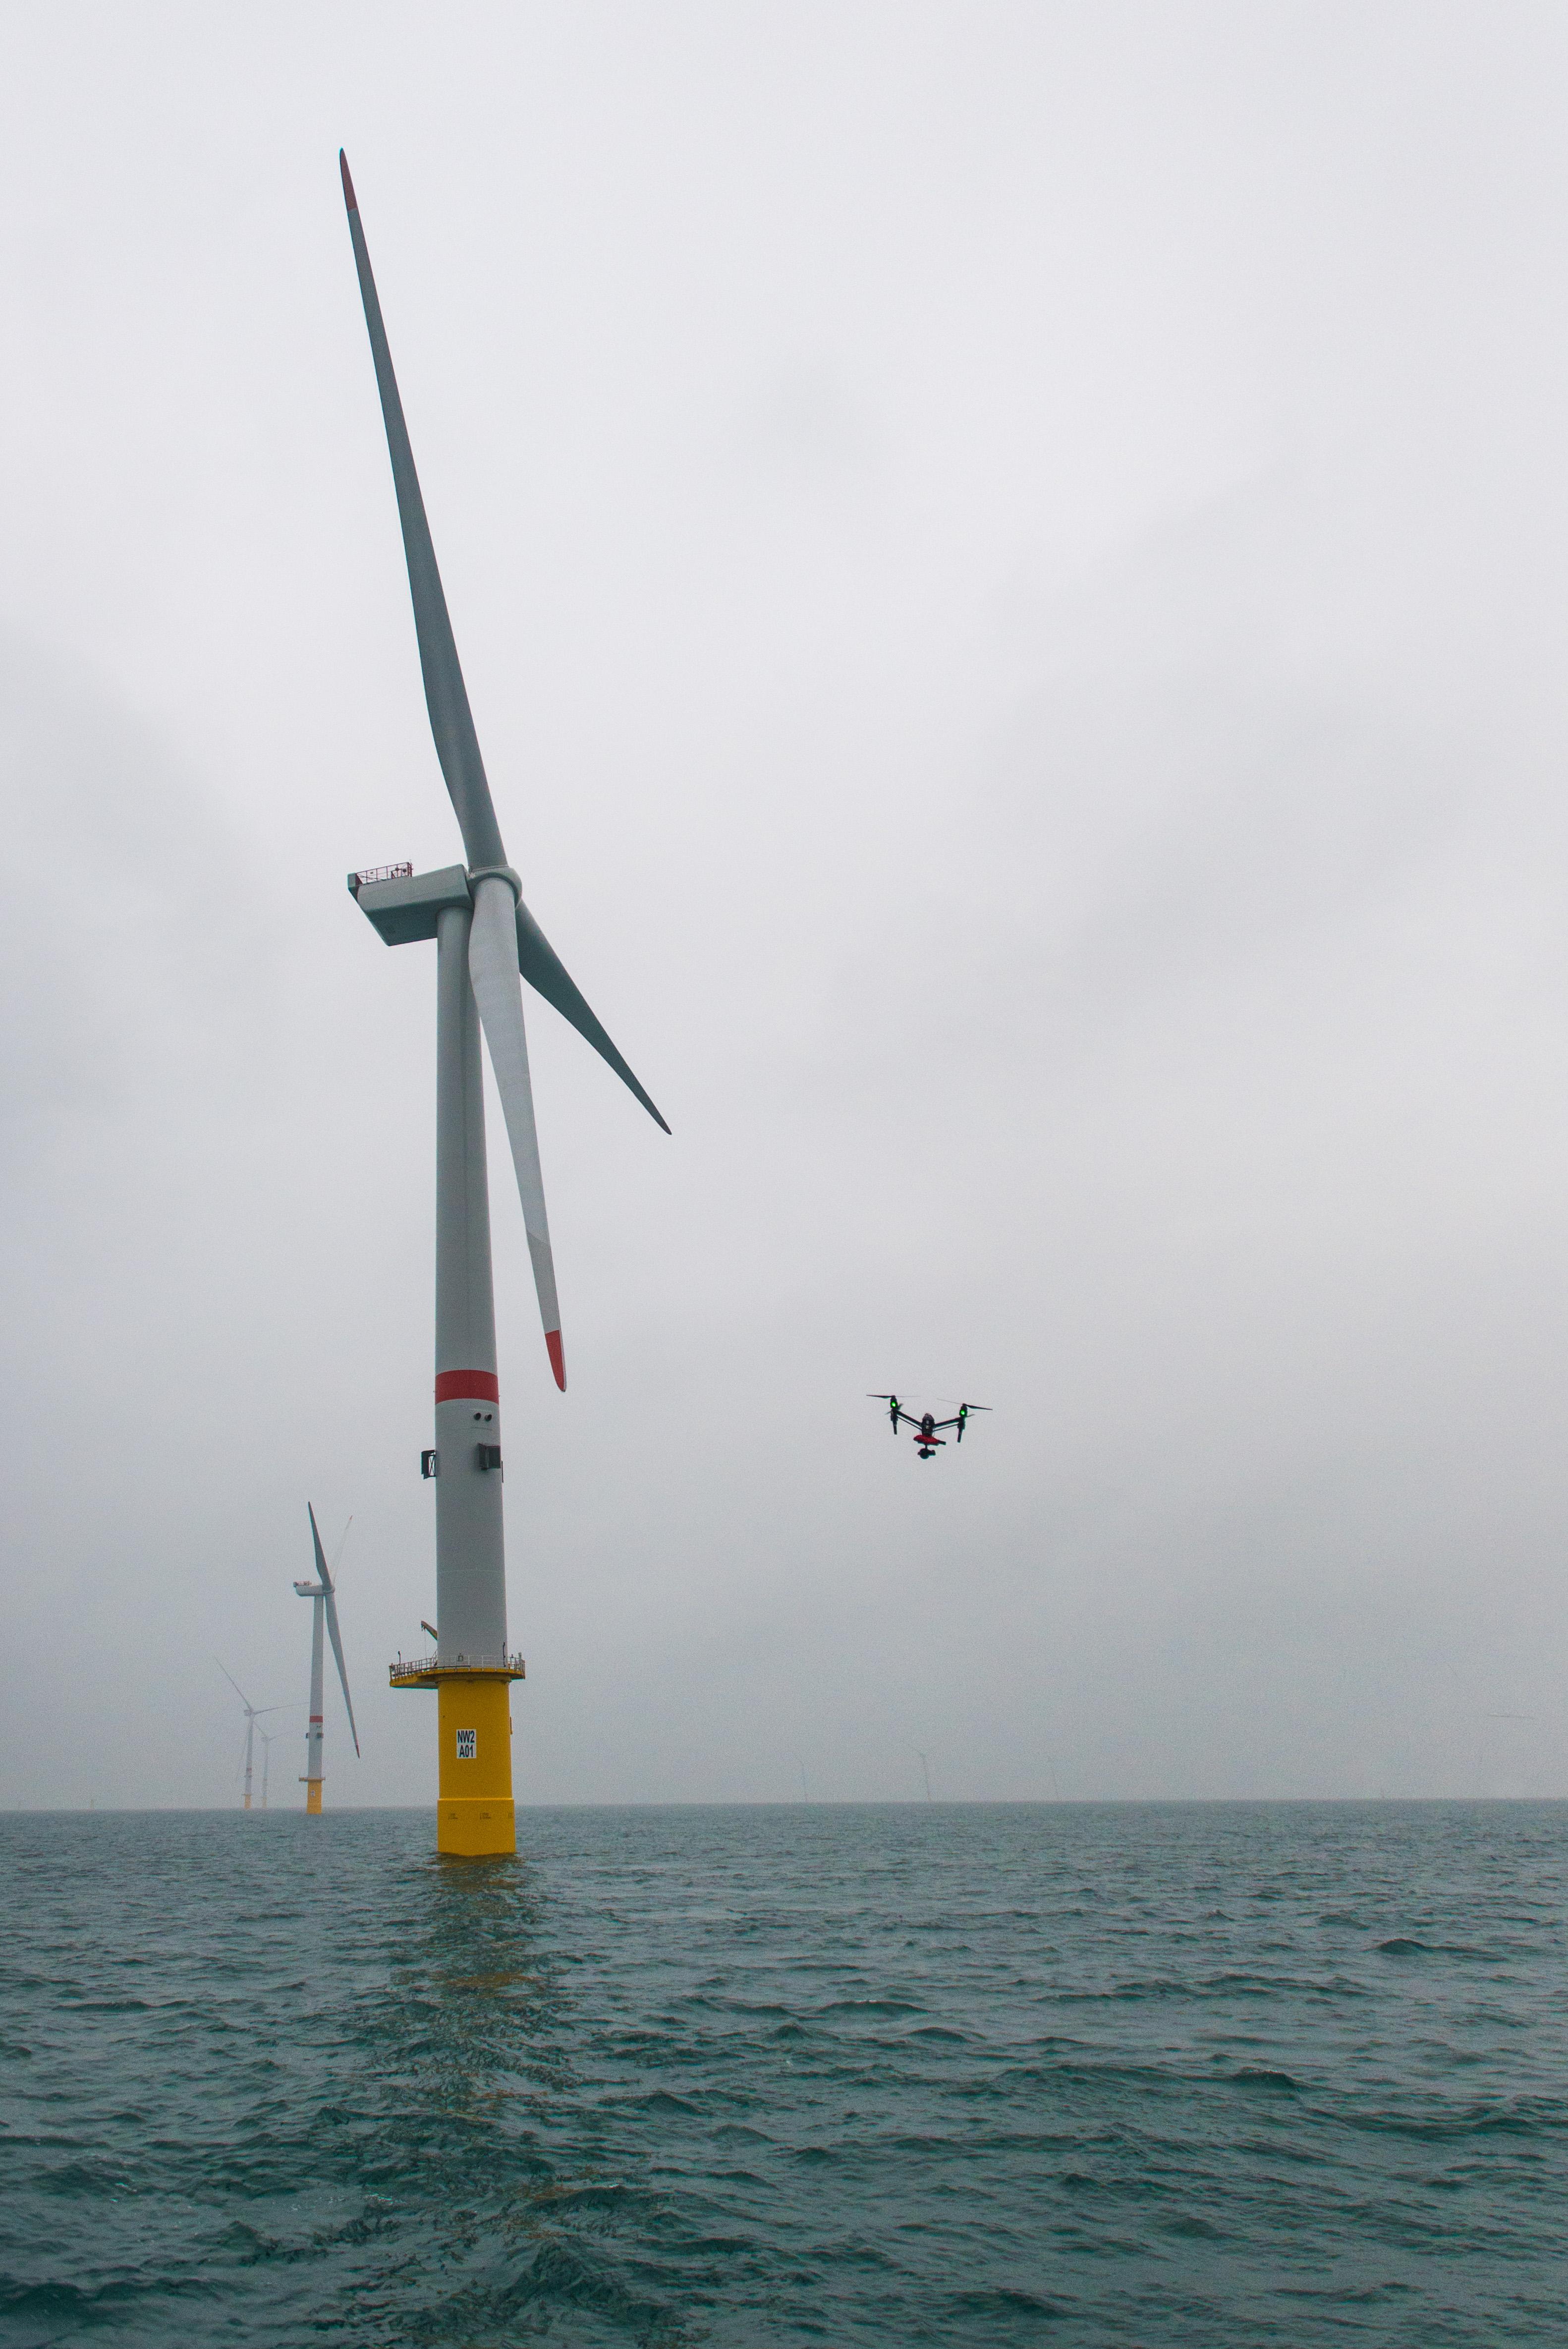 Northwester 2 wind turbine